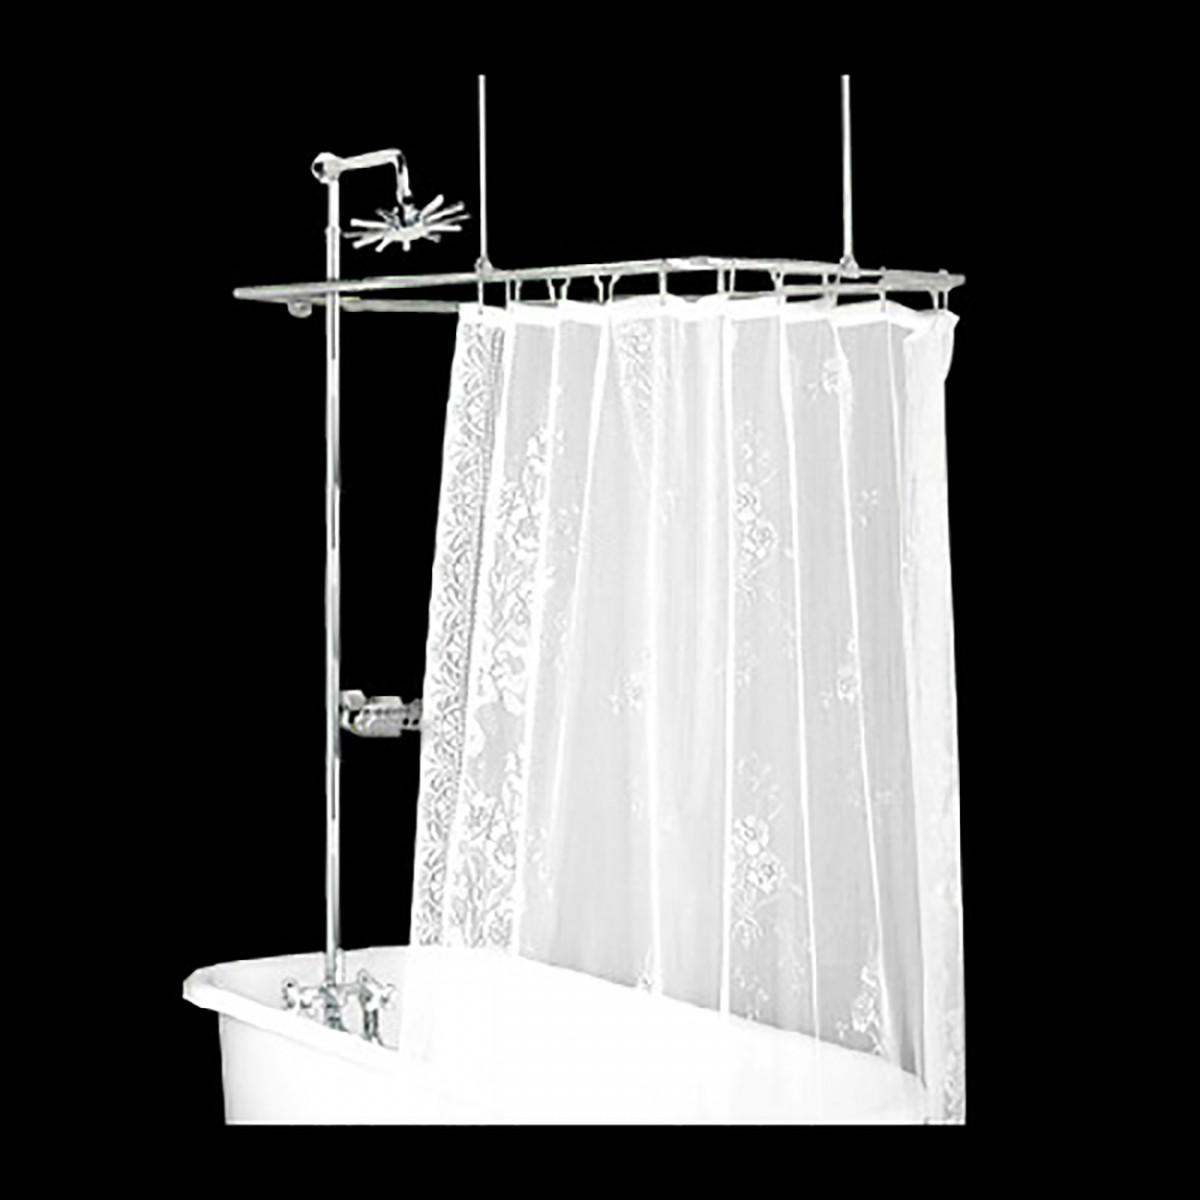 Shower Surround Chrome Rect Cross Handle Faucet Deck Mount